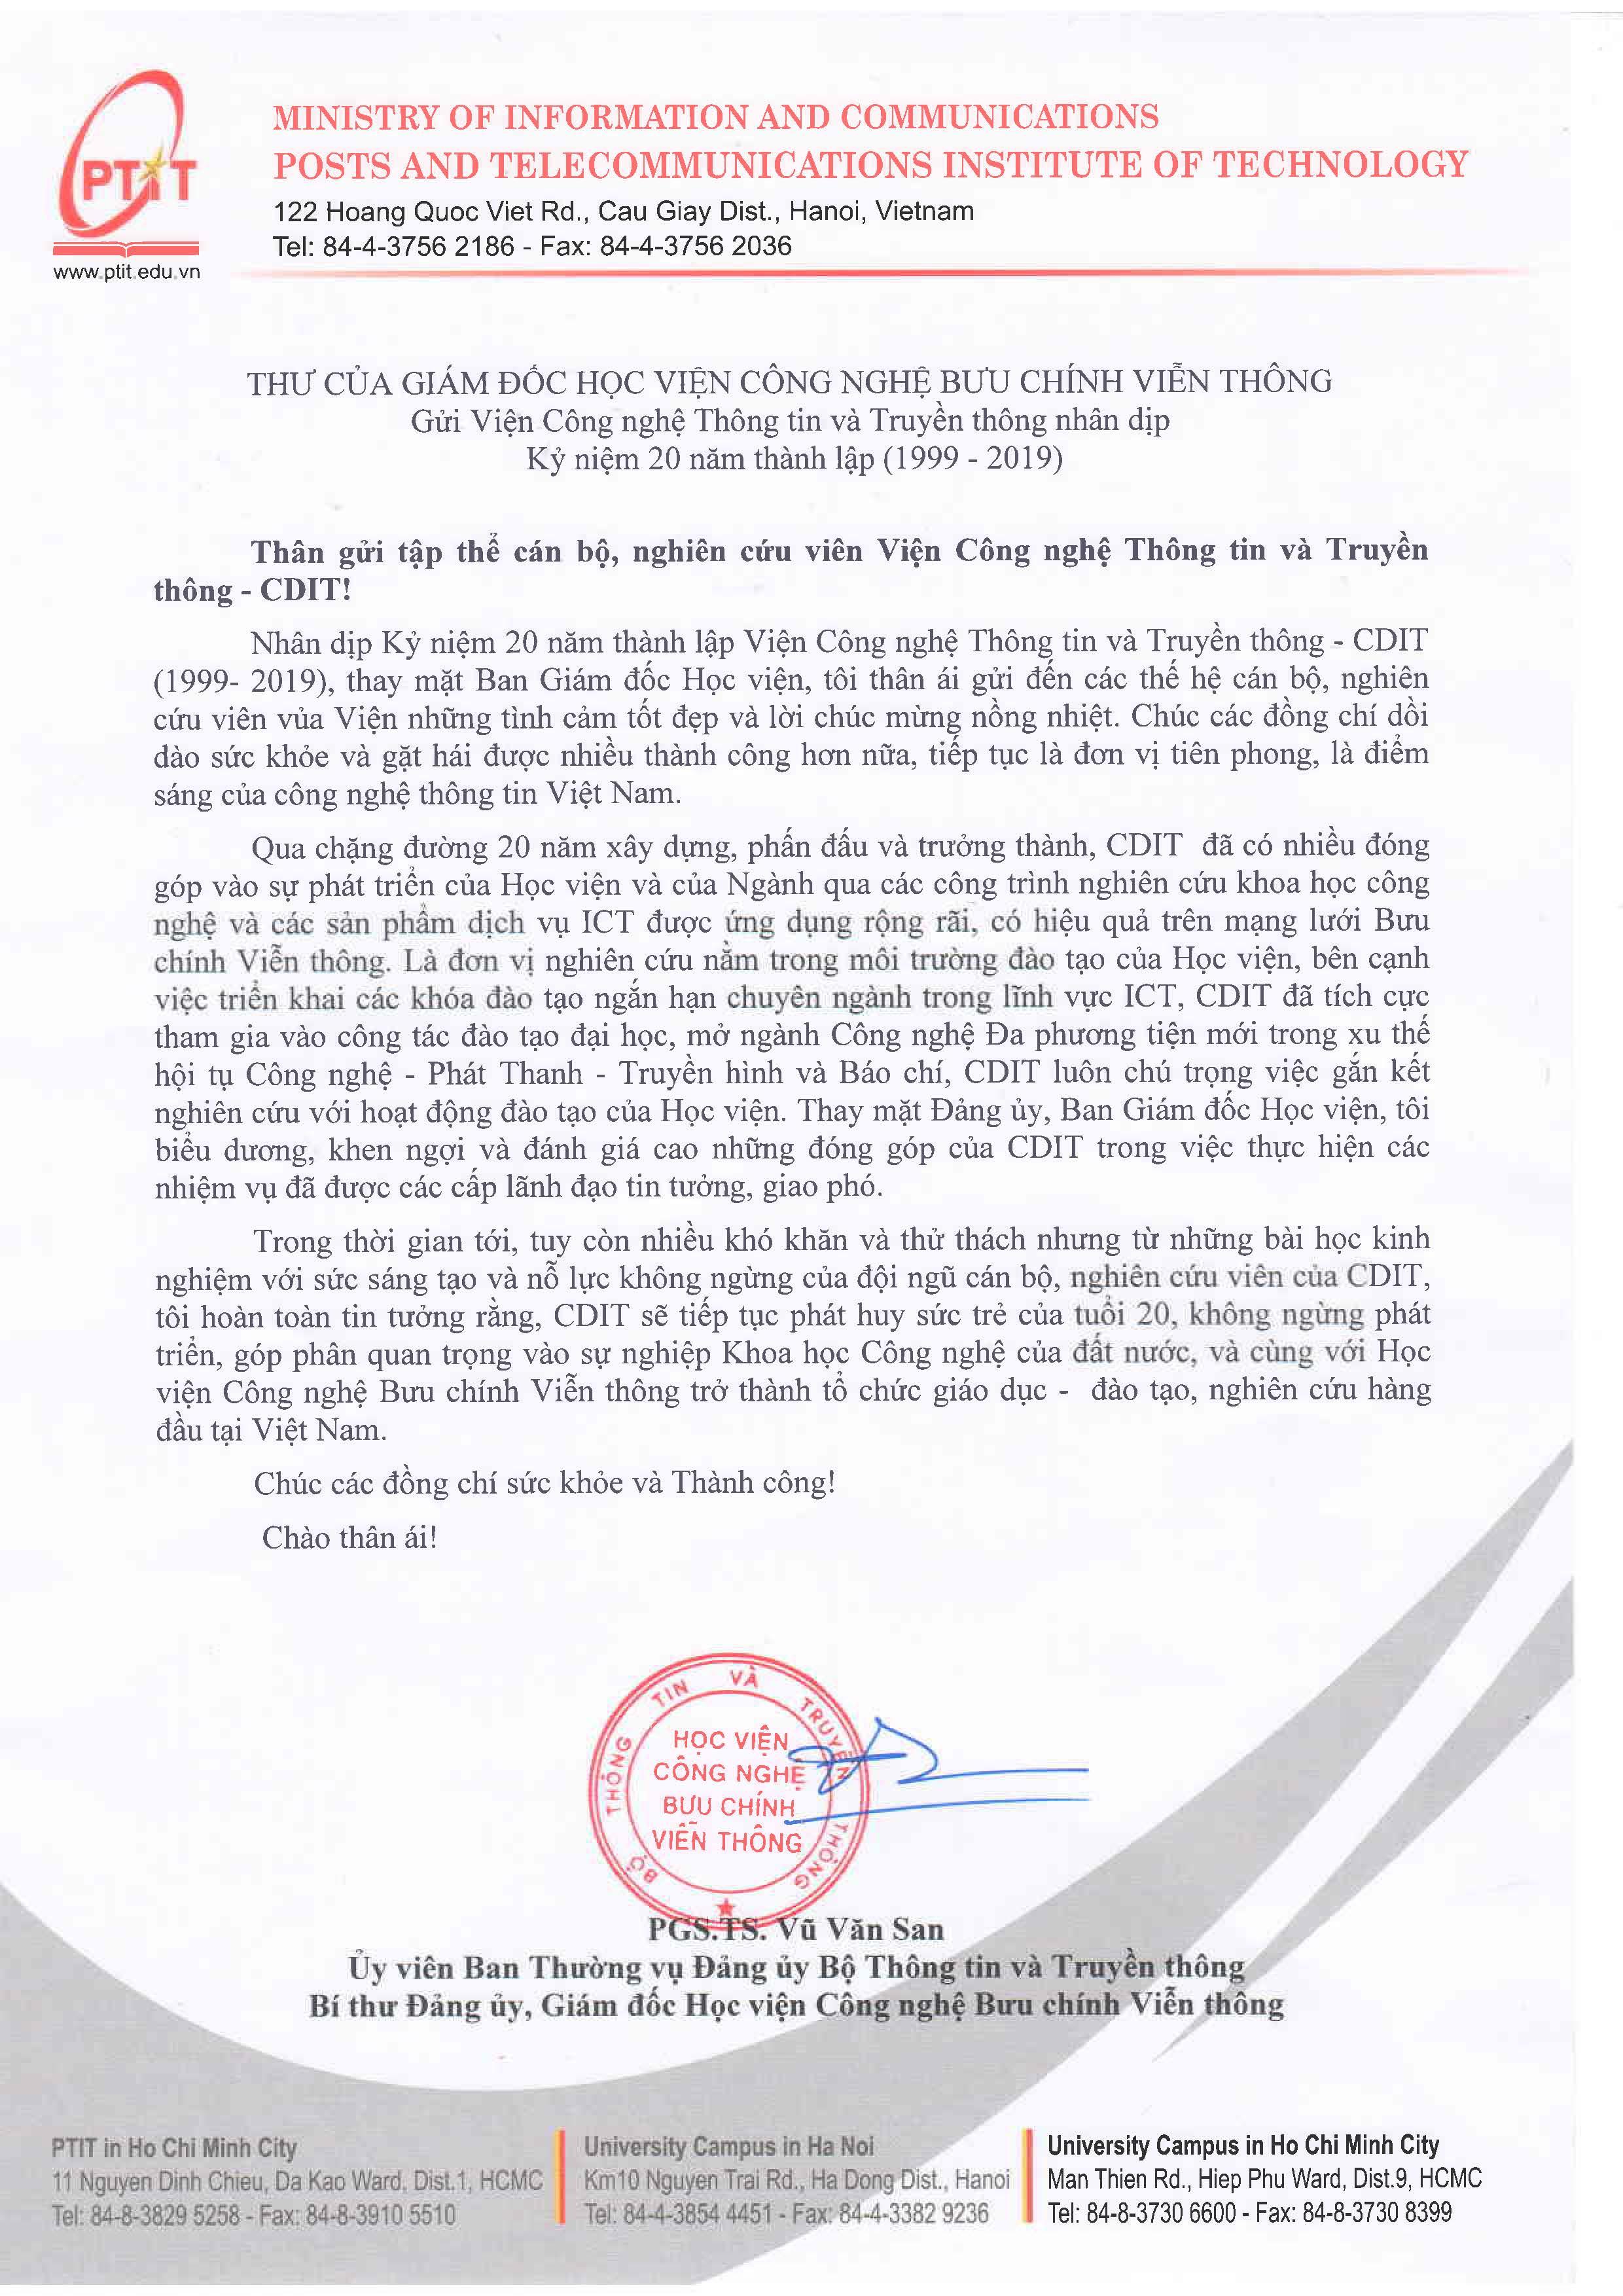 Thu chuc mung cua GDHV 20 nam